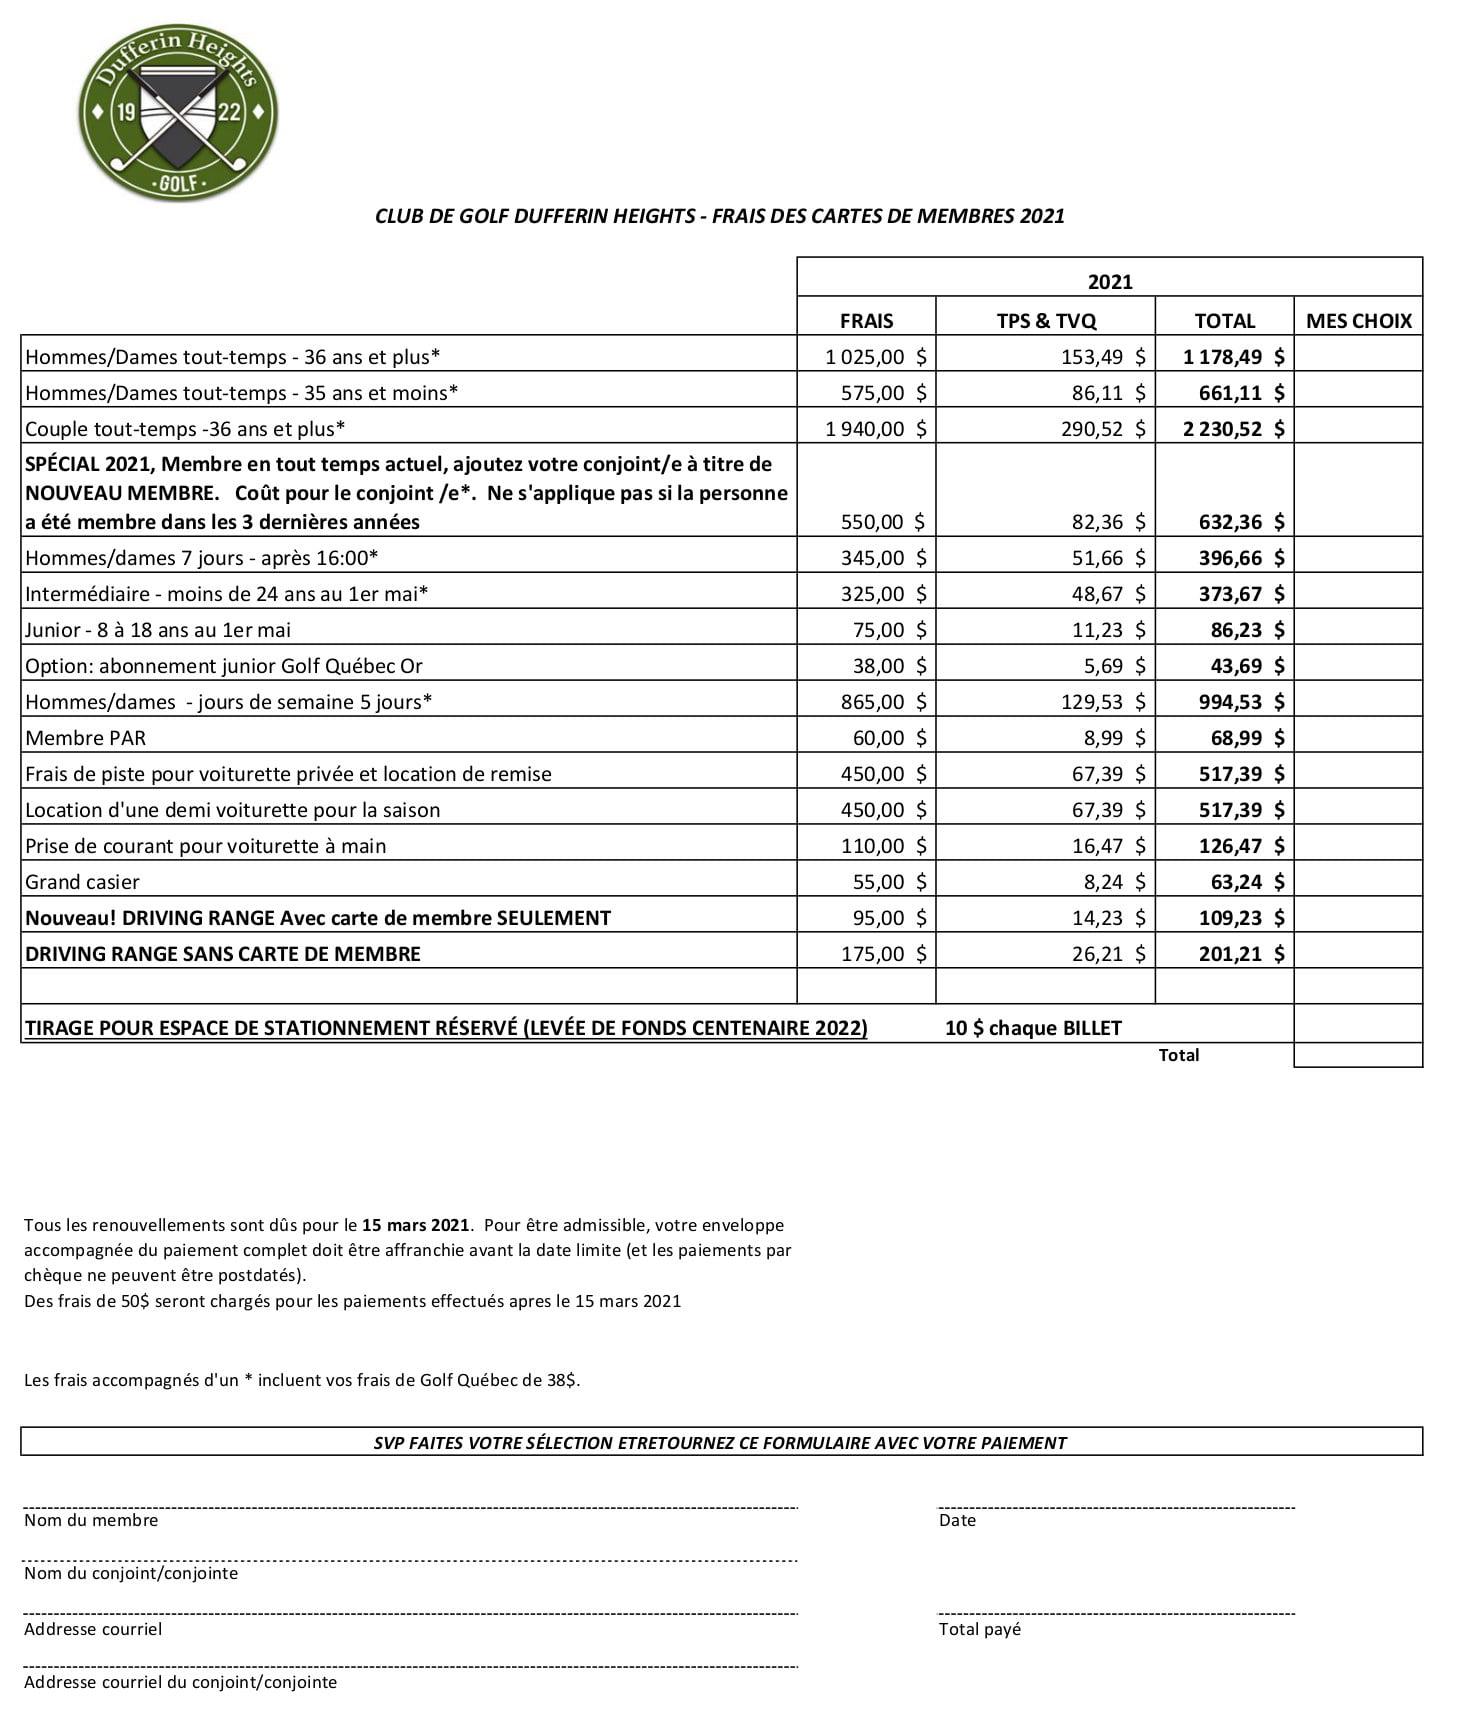 frais-carte-membres-2021